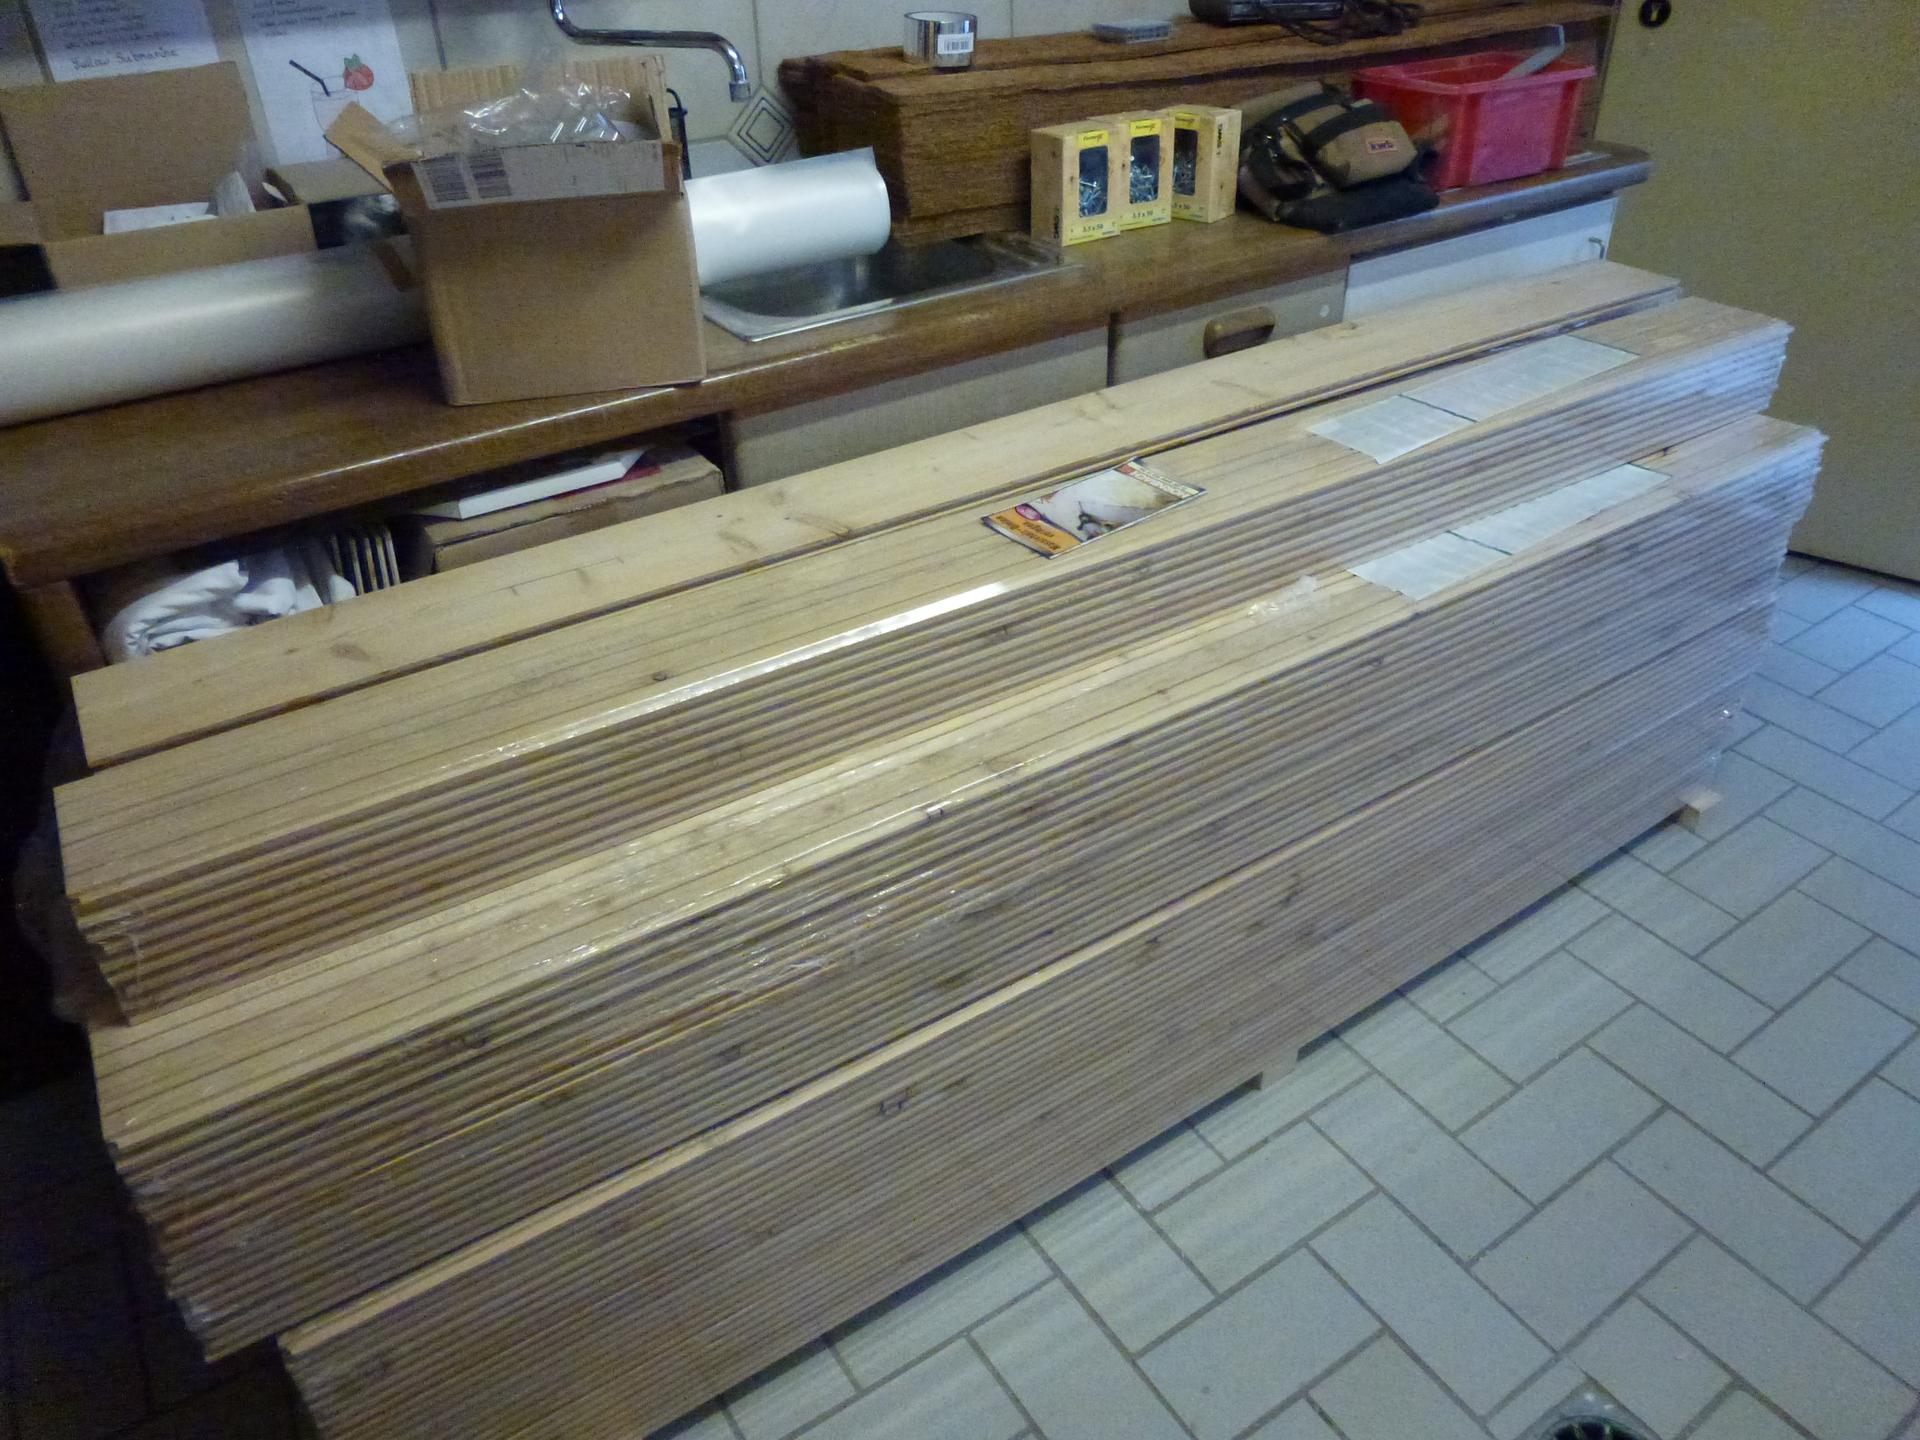 Holzfußboden Dämmung ~ Hk material holzboden und dämmung dämmung hk holzboden material